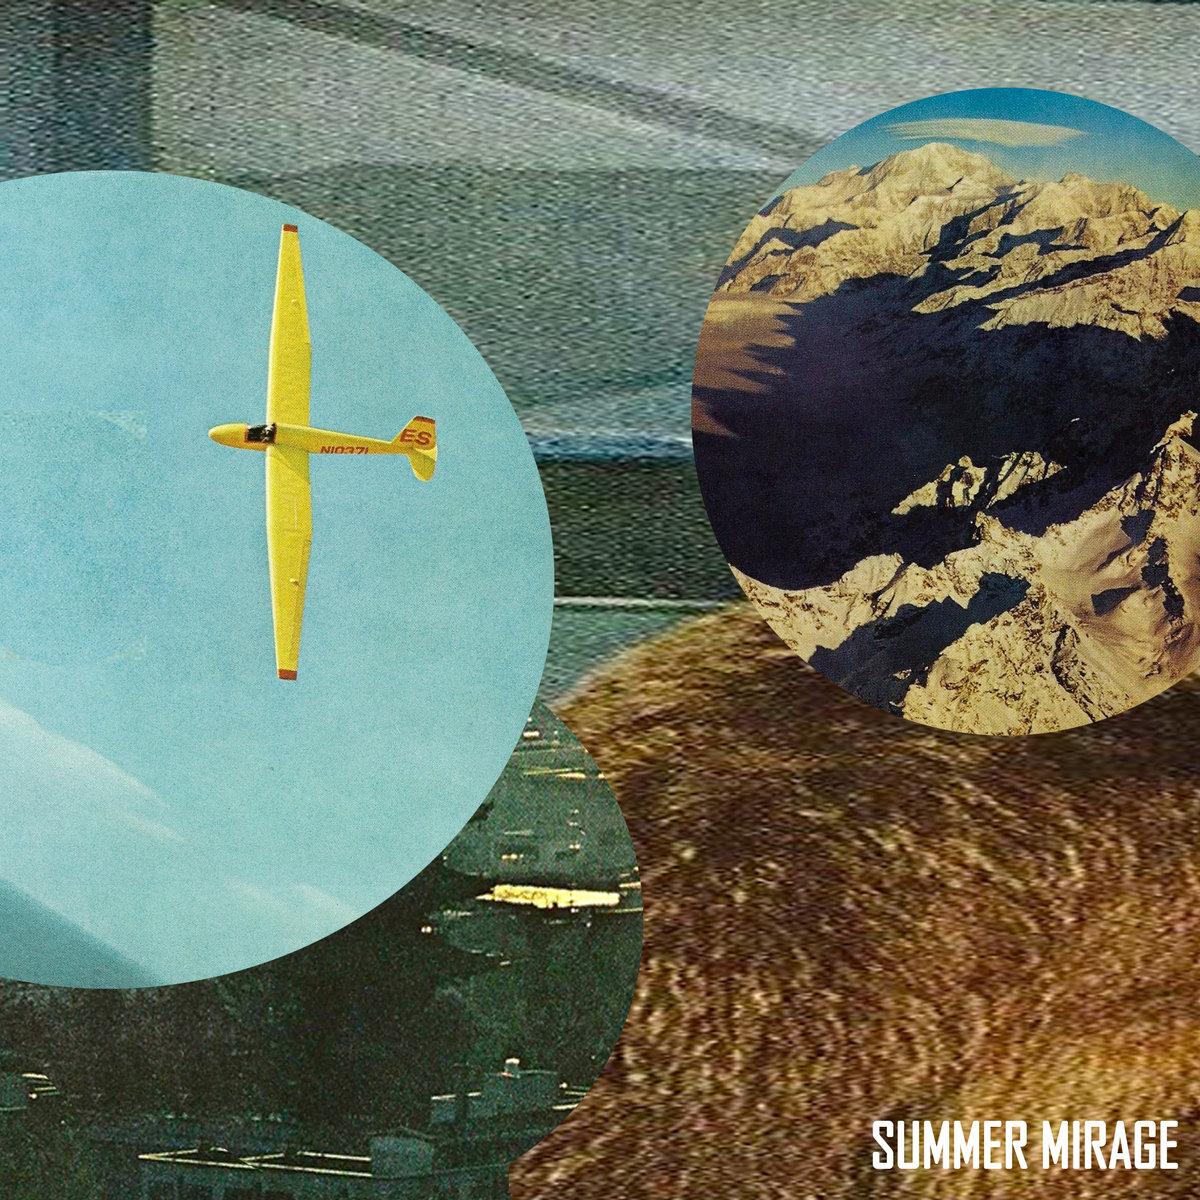 summer mirage.jpg